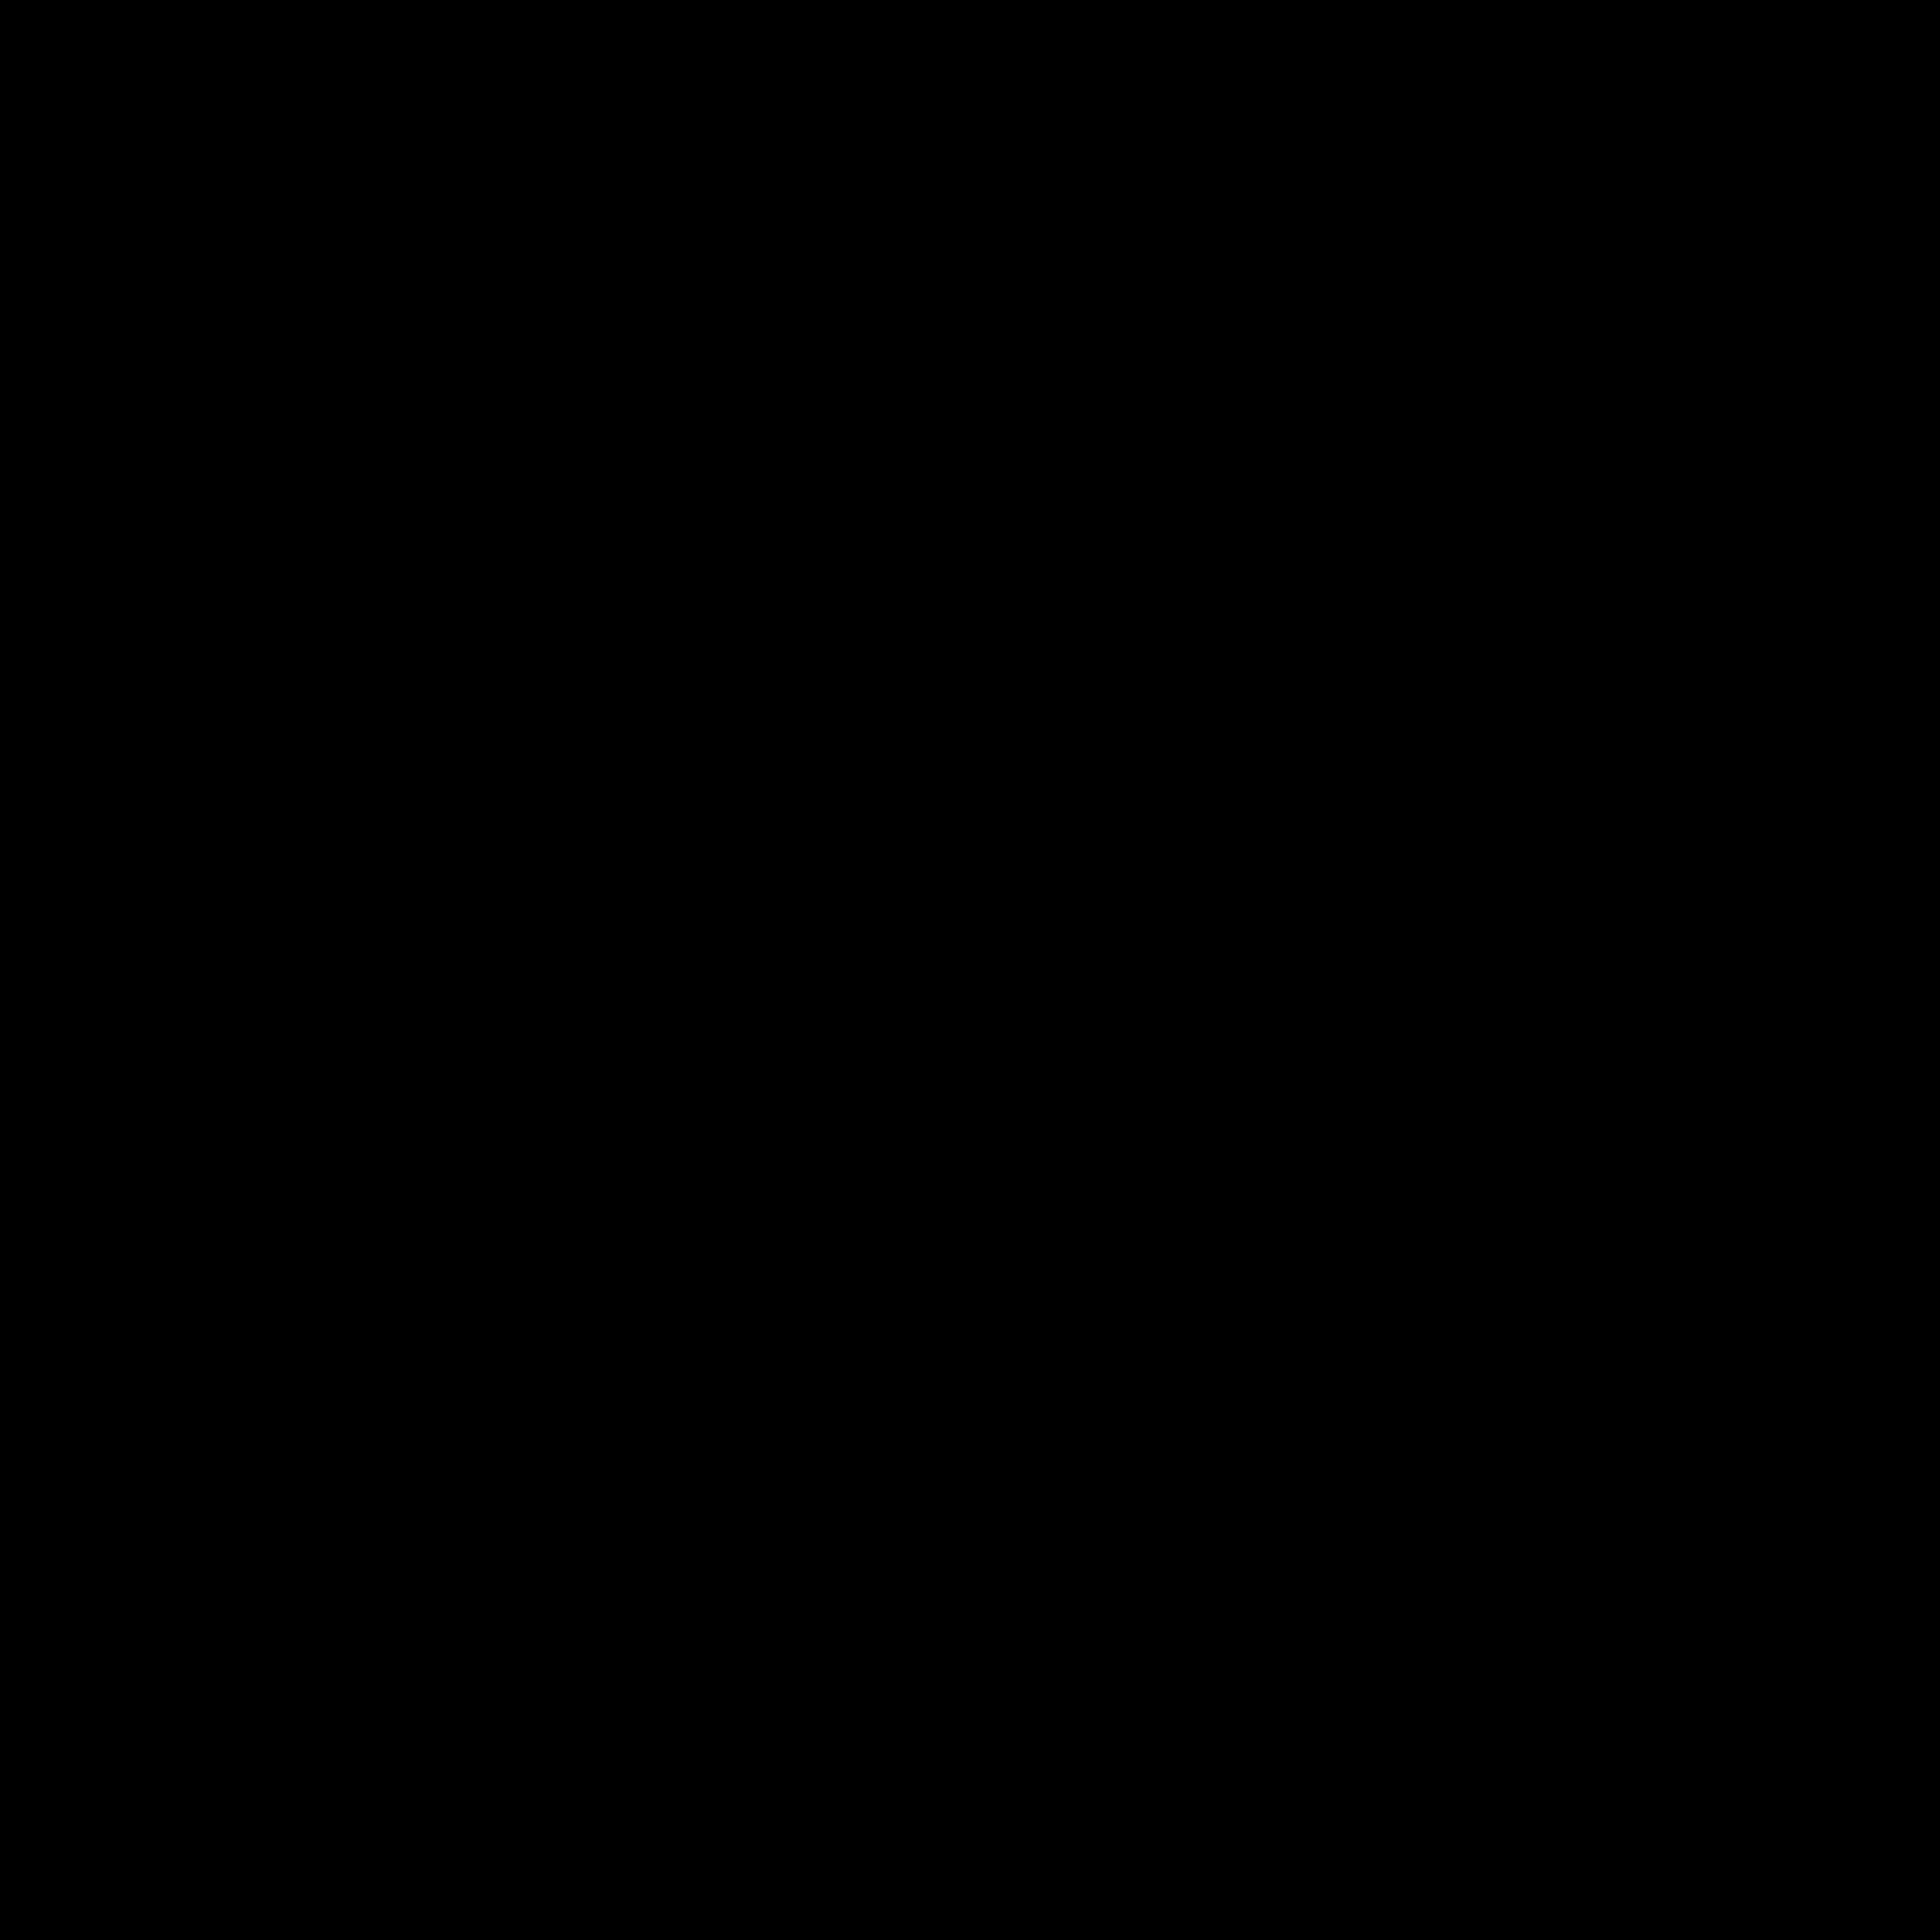 Dopolavoro Fluviale - Bookroof - cover evento